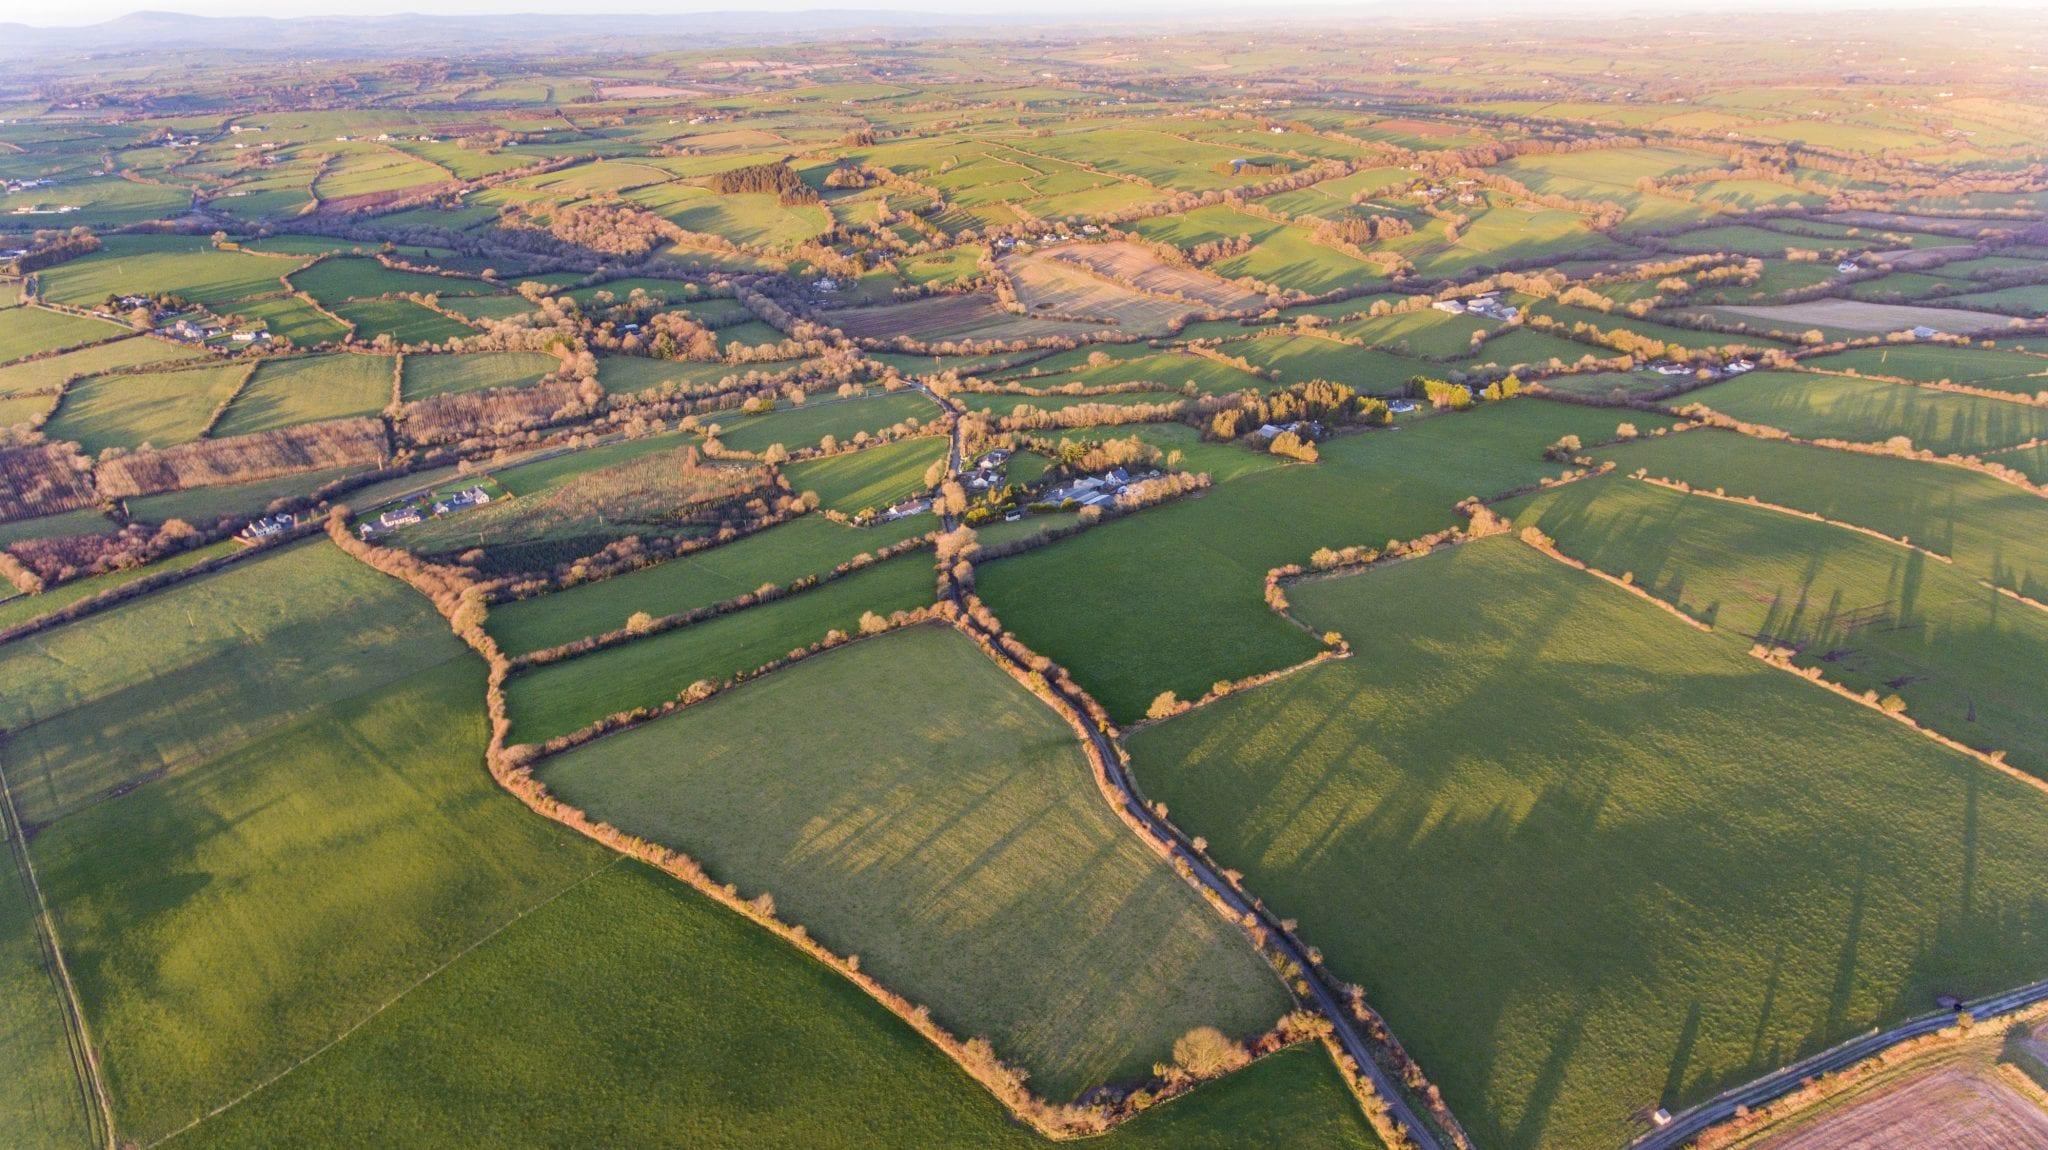 3. Aerial Photo 8